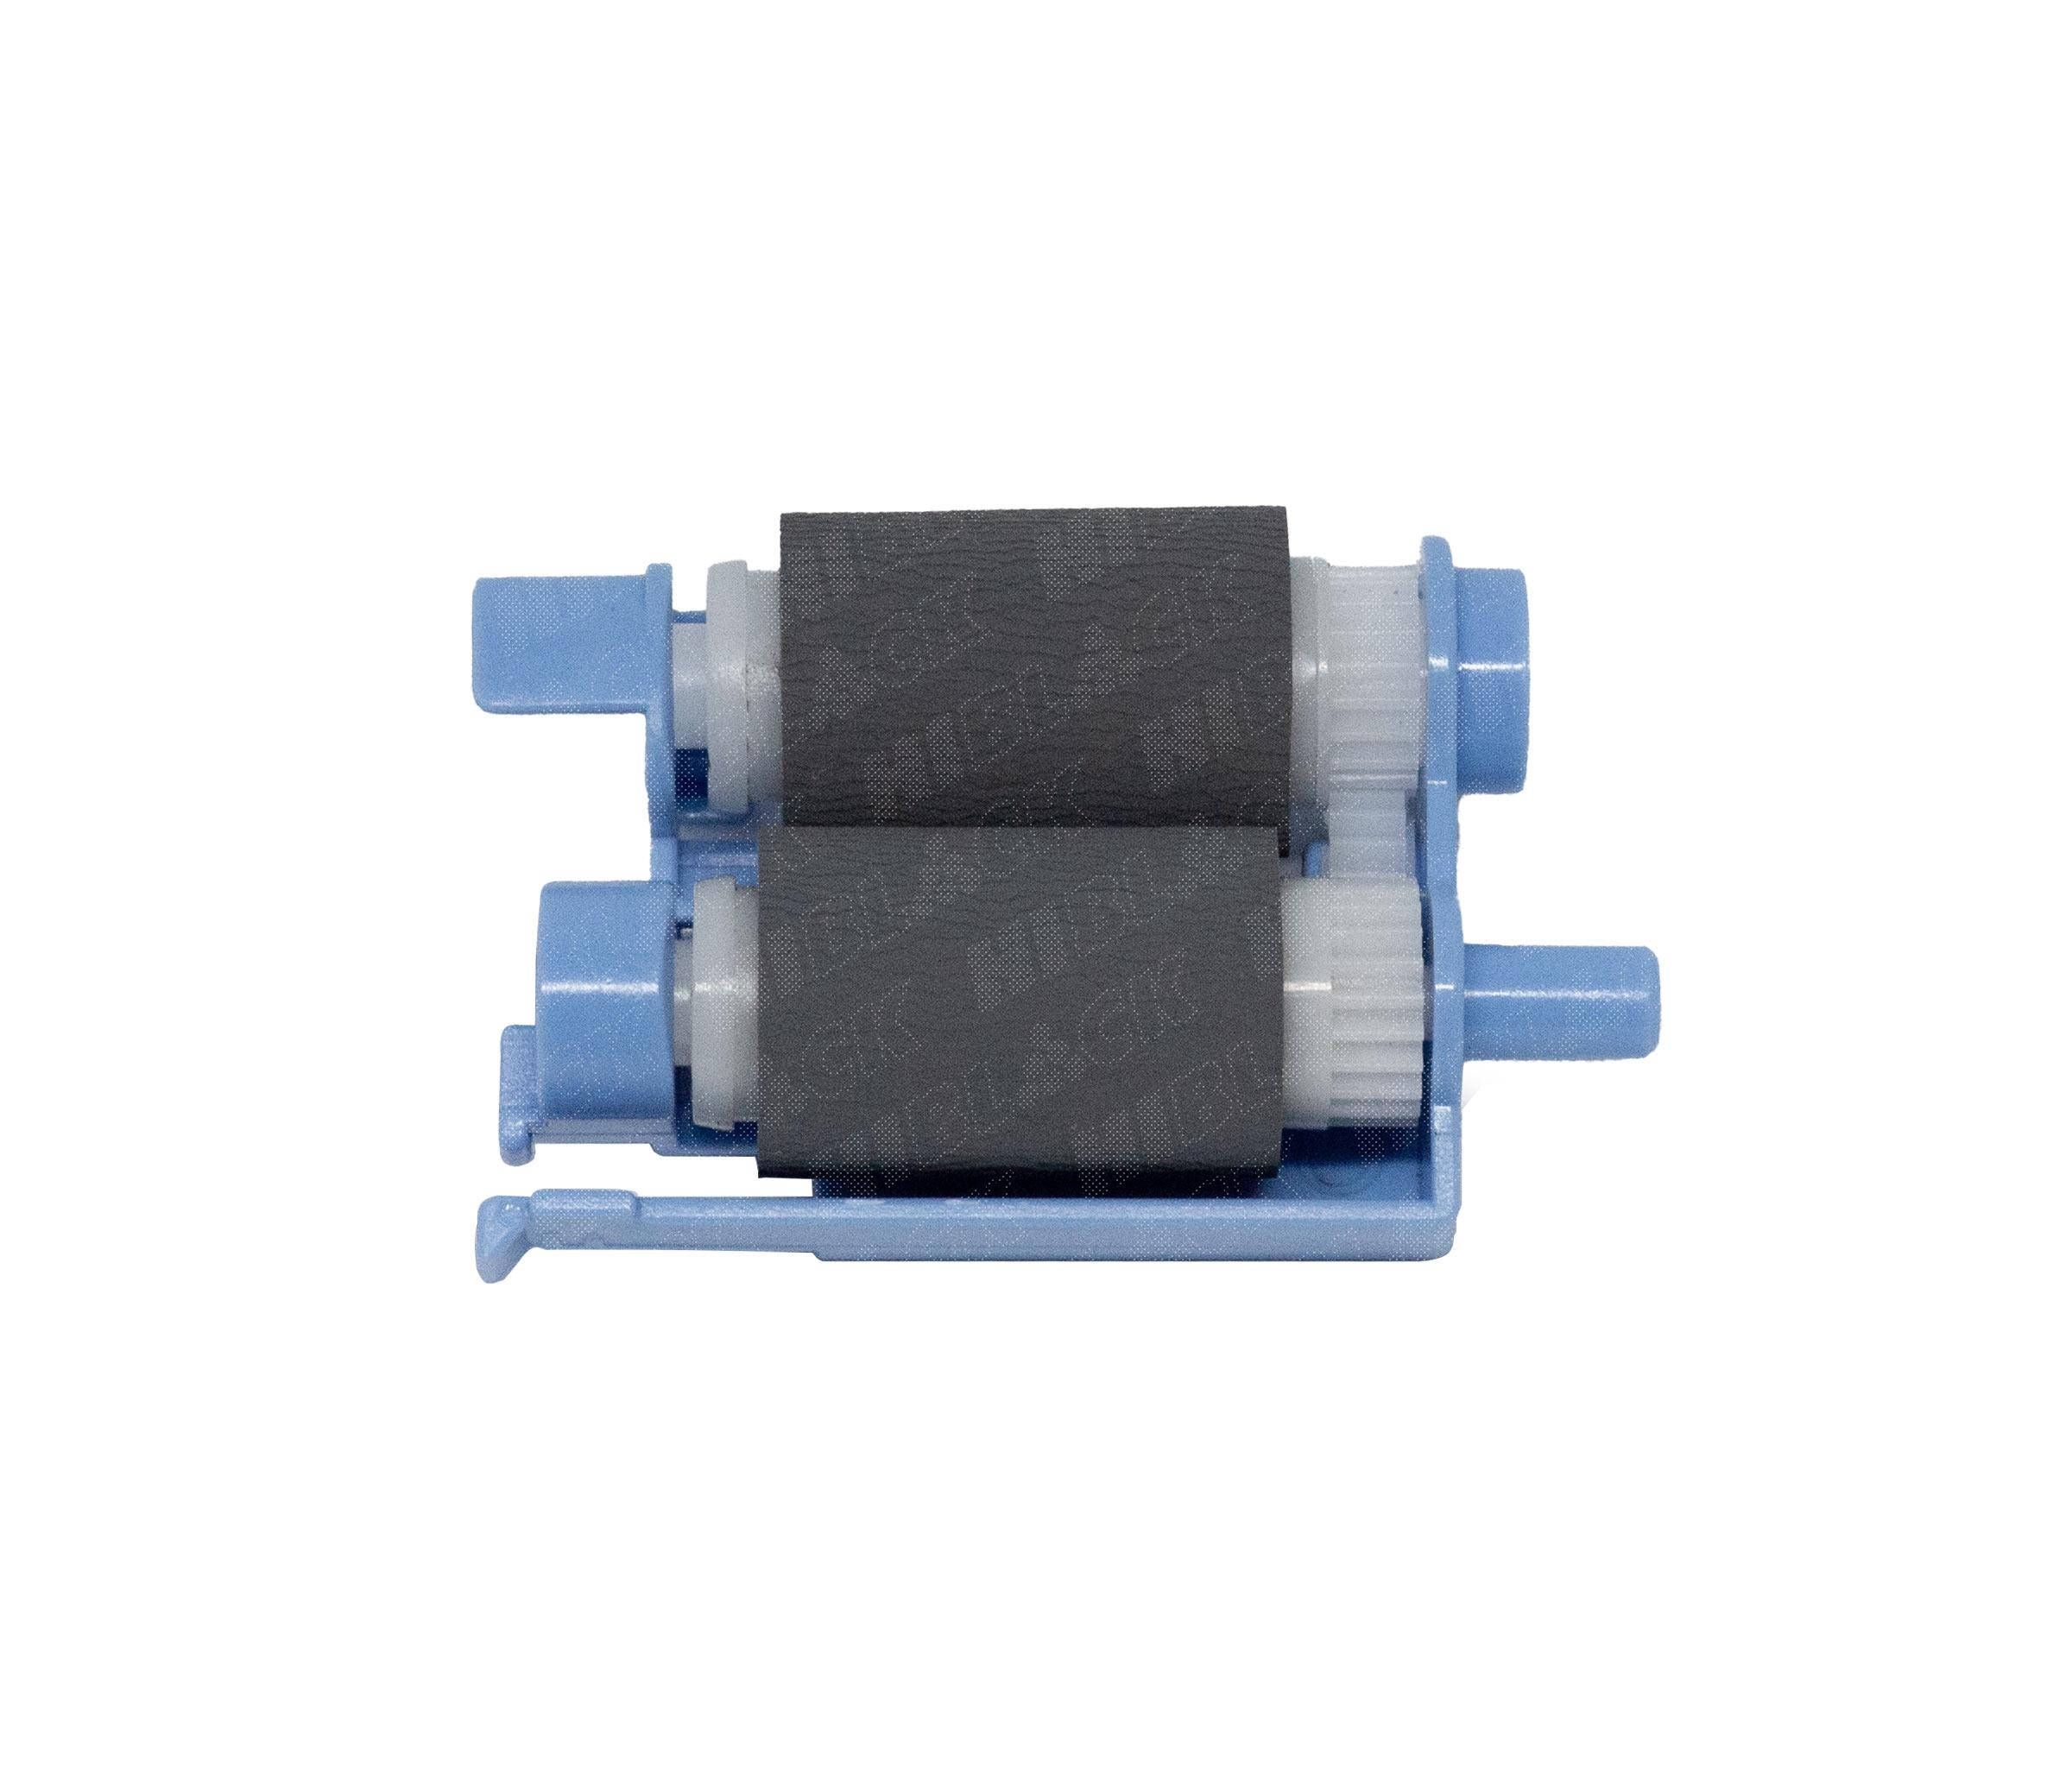 Ролик захвата (лоток 2) для HP LJ Pro M402/M403/M426/M427 (совм)